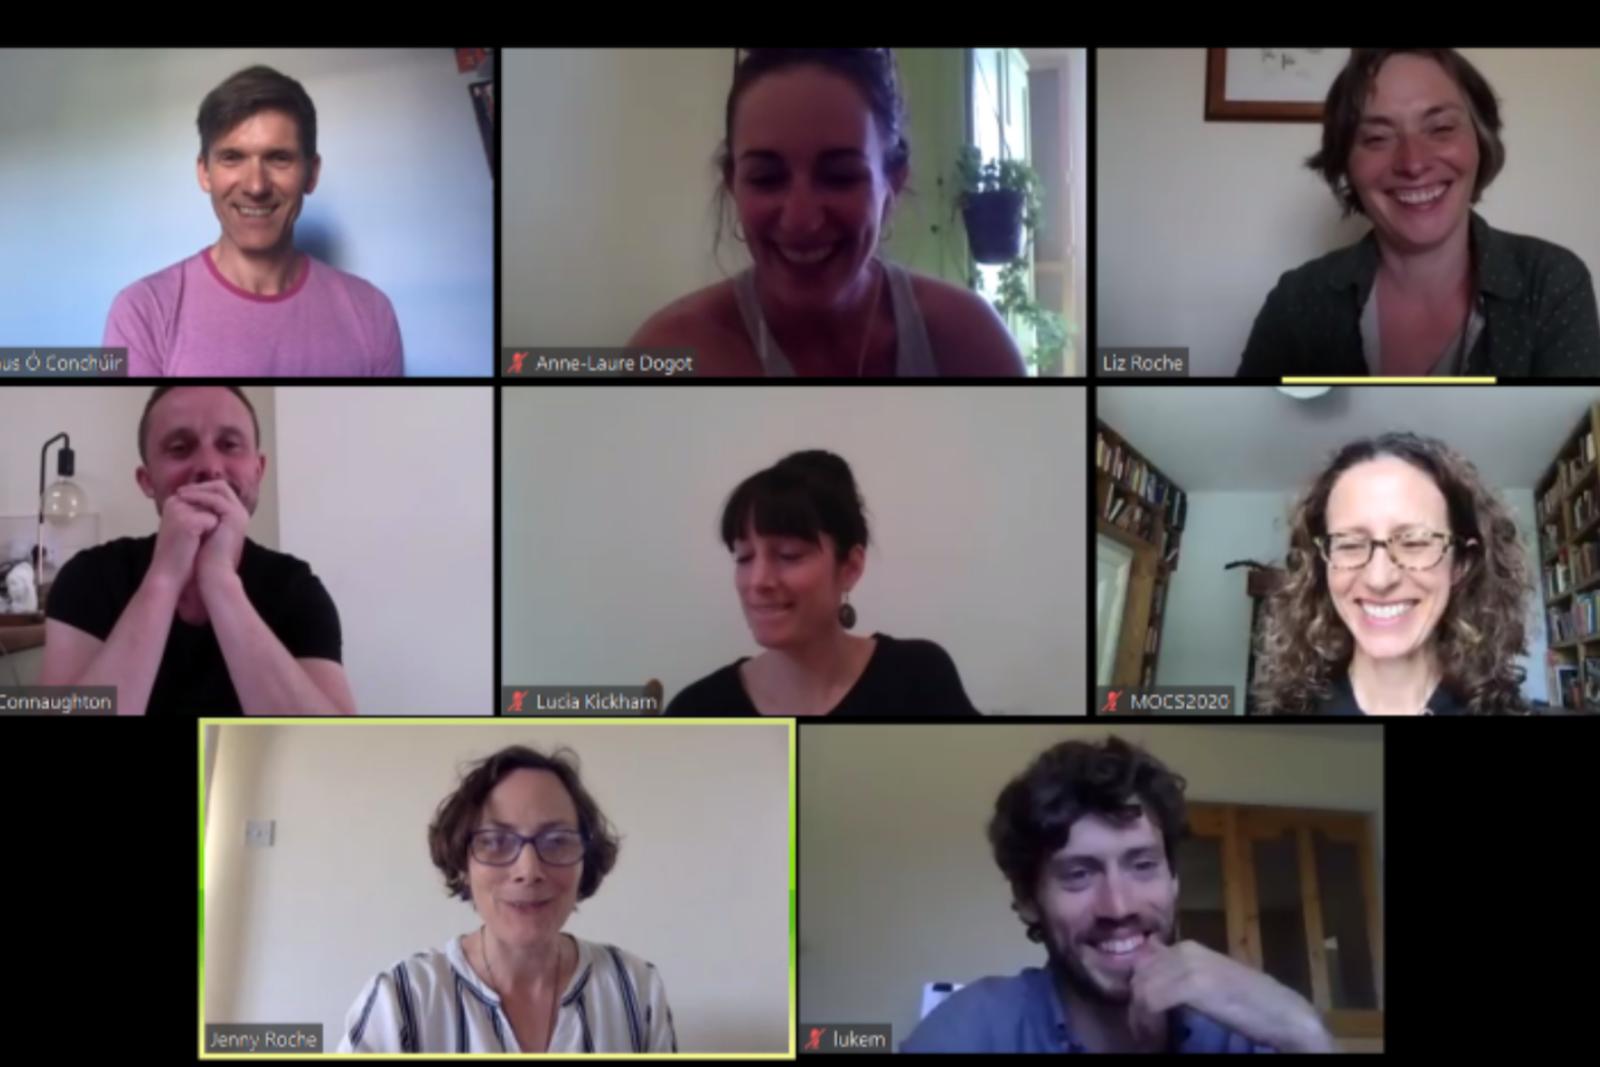 Panel Discussion - Modes of Capture Symposium 2020